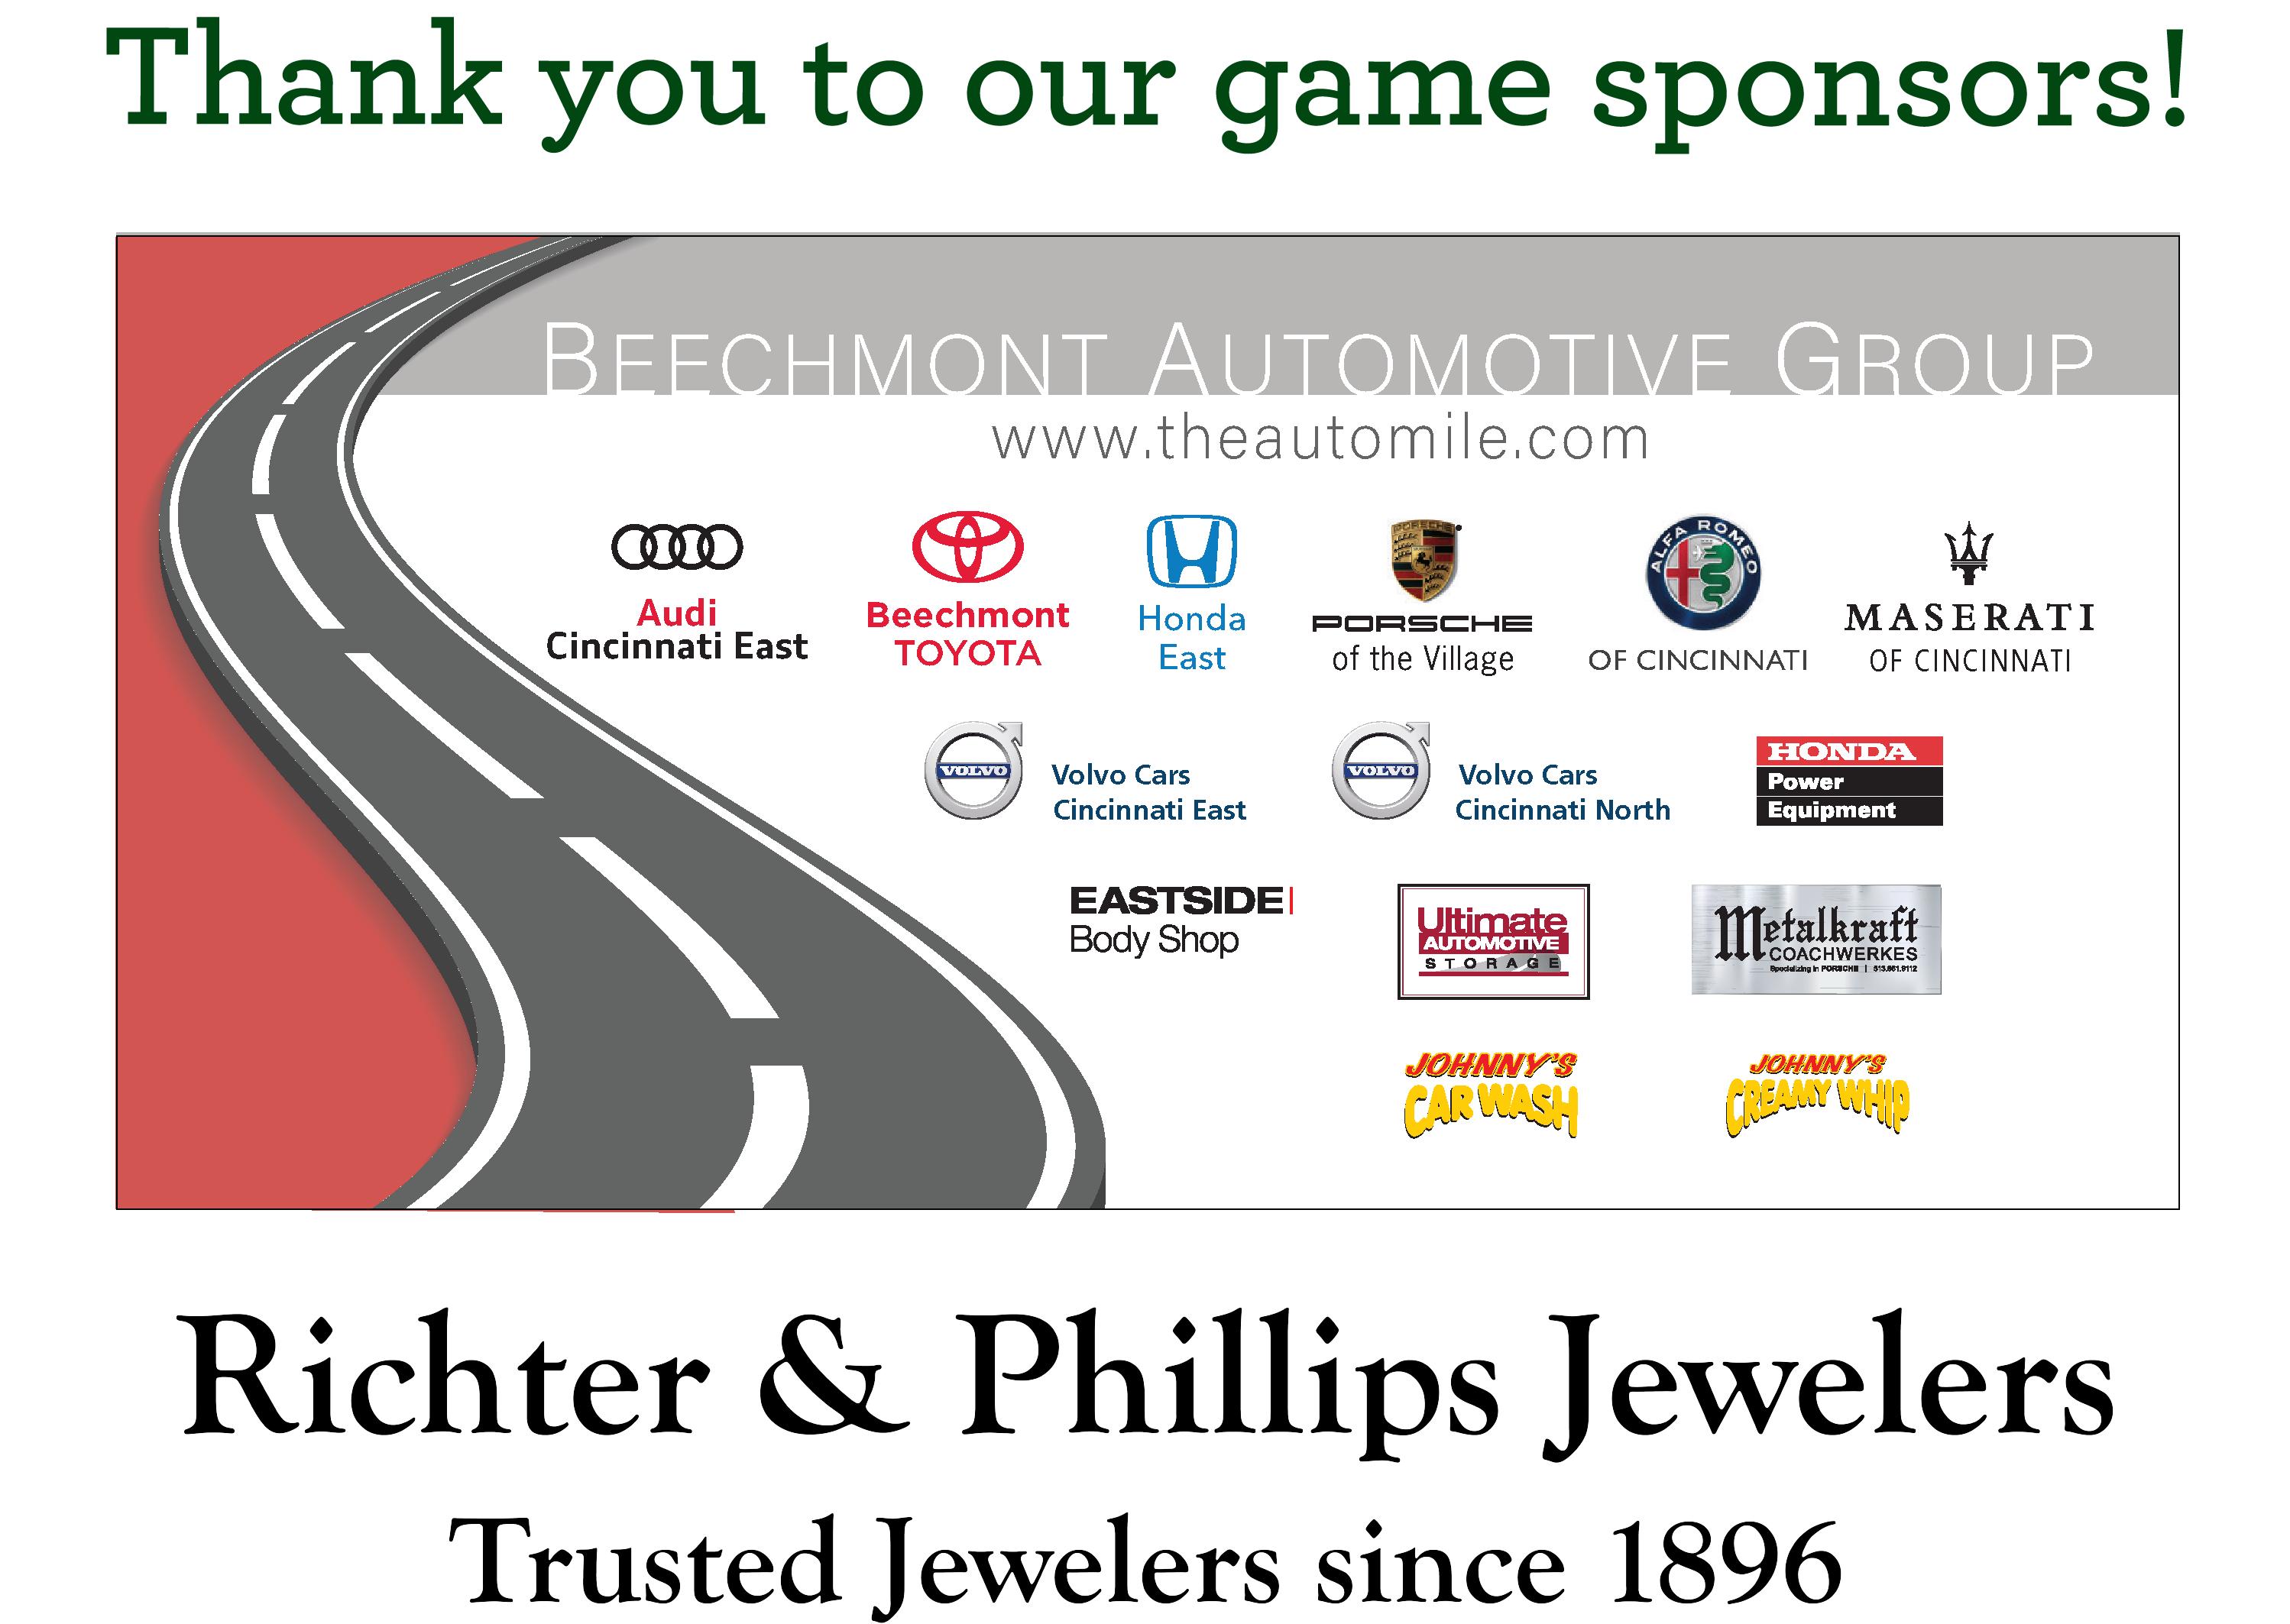 Game Sponsors